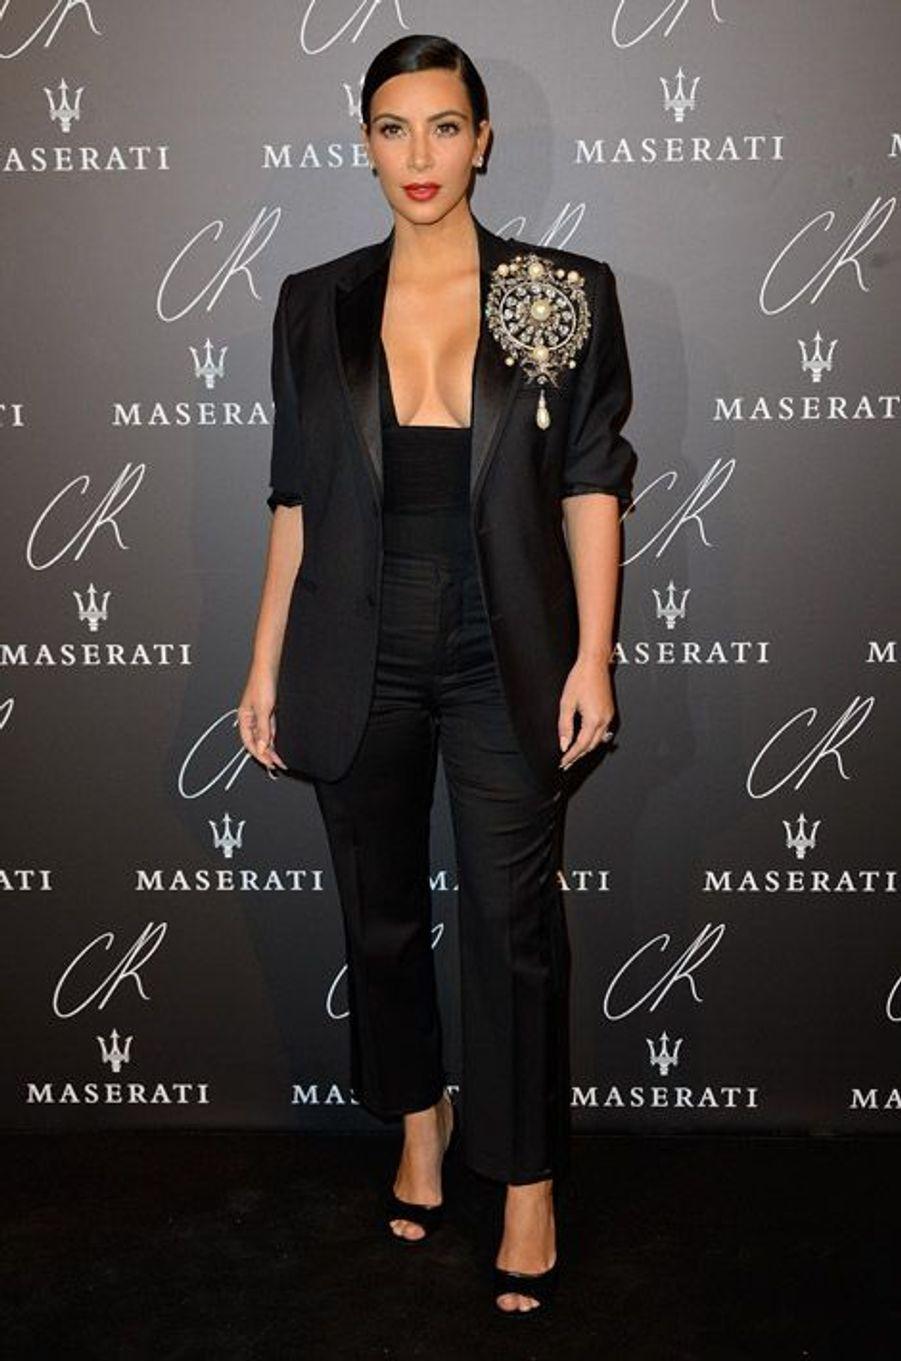 """La star de la téléréalité, Kim Kardashian, en Givenchy à la soirée """"CR Fashion Book"""", le 30 septembre 2014 à Paris"""